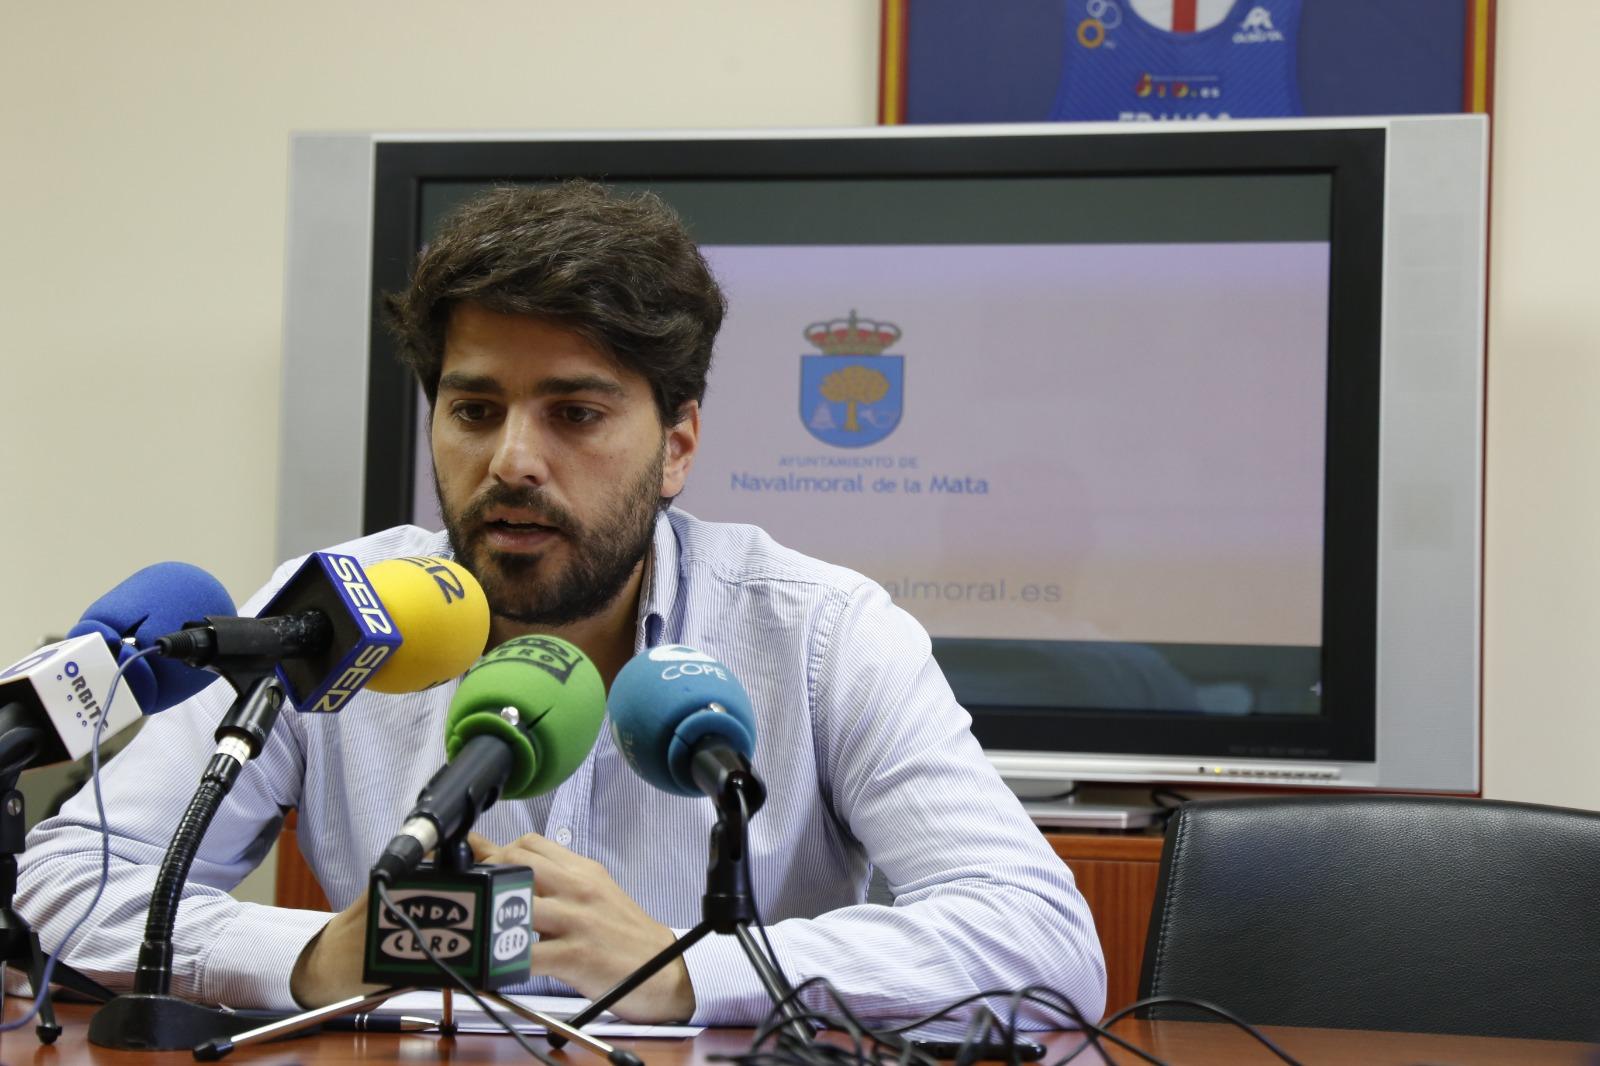 La Junta de Gobierno adjudica 5 contratos de suministros fundamentales para el funcionamiento del Ayuntamiento.